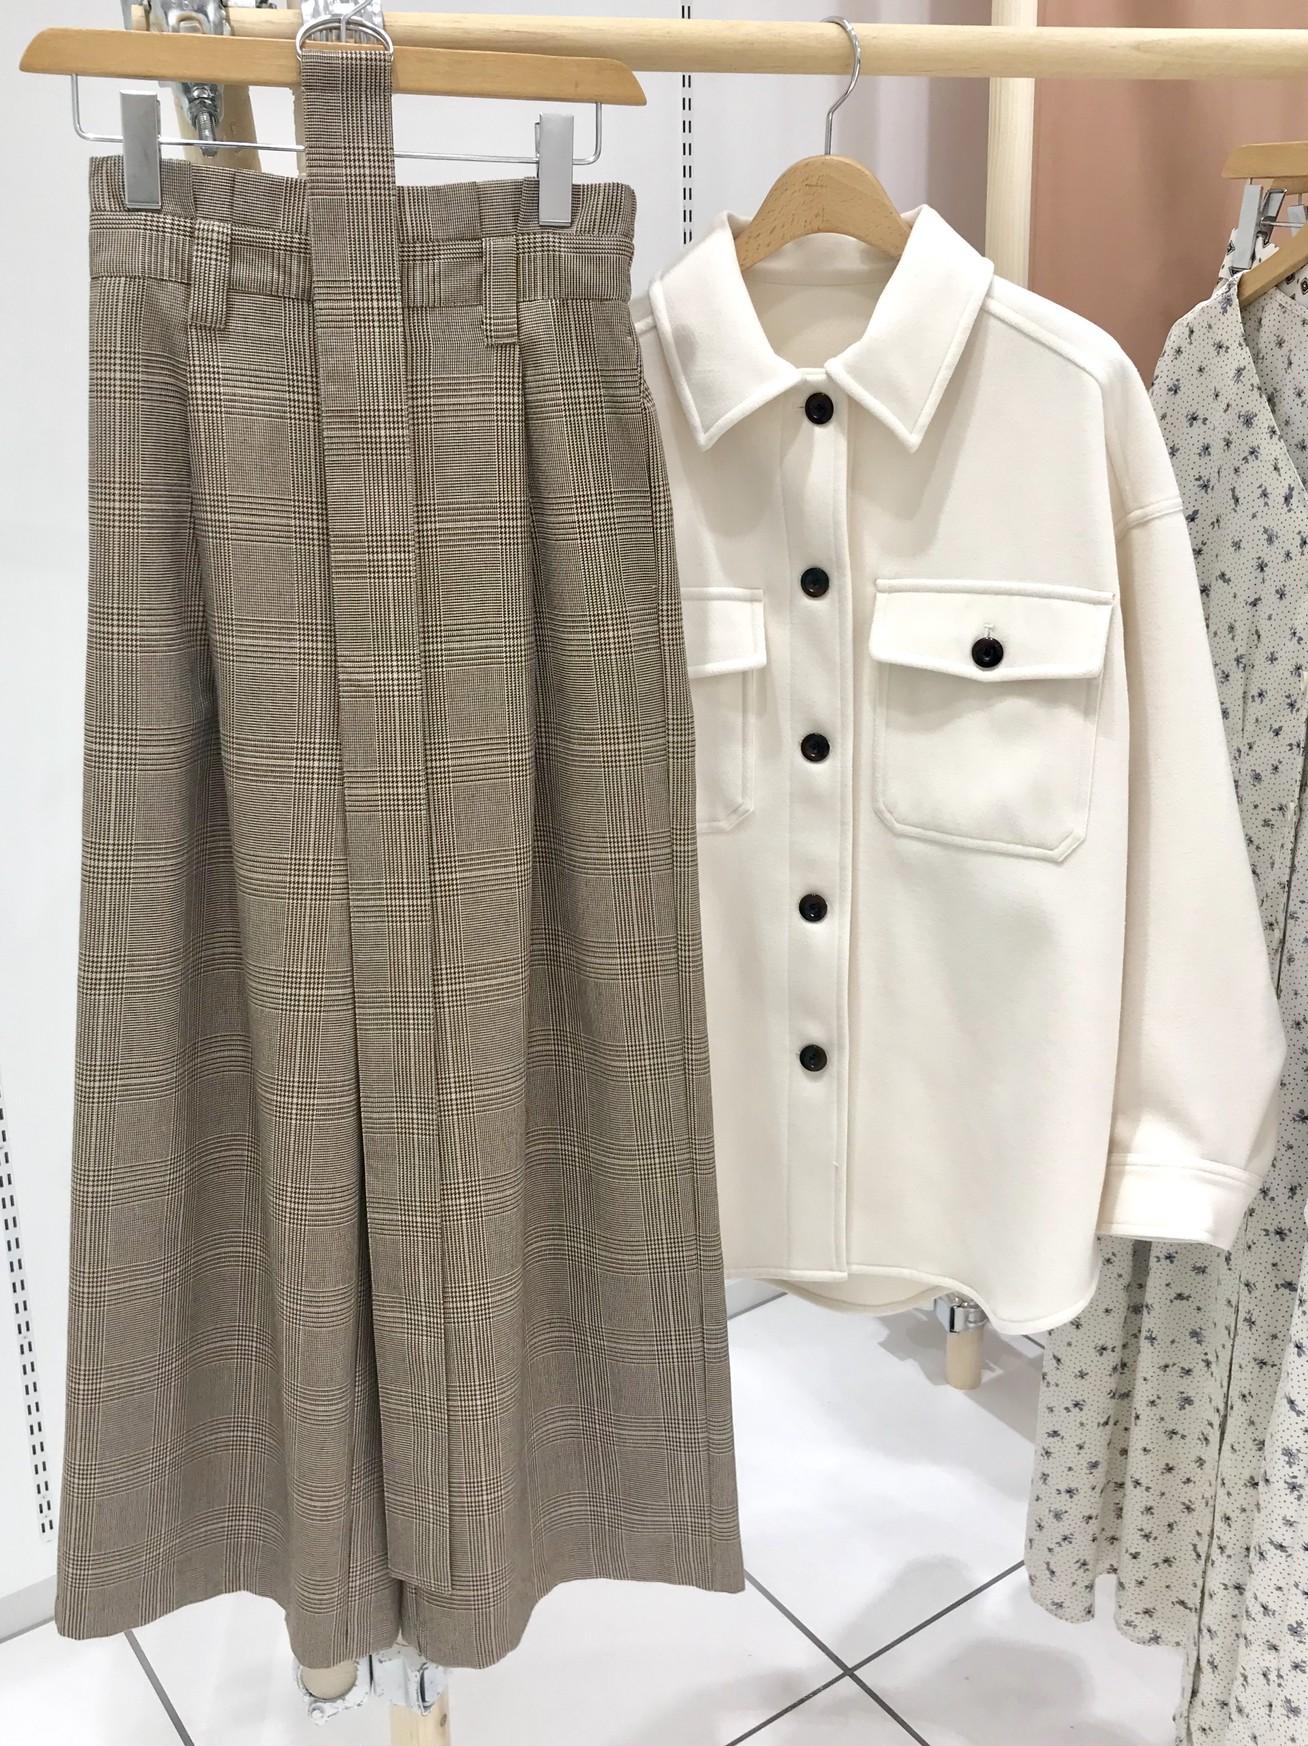 2019秋→冬は中間ライトアウターを買え【GU(ジーユー)】のCPOジャケットで30代女子があか抜けるコーデのコツ_3_9